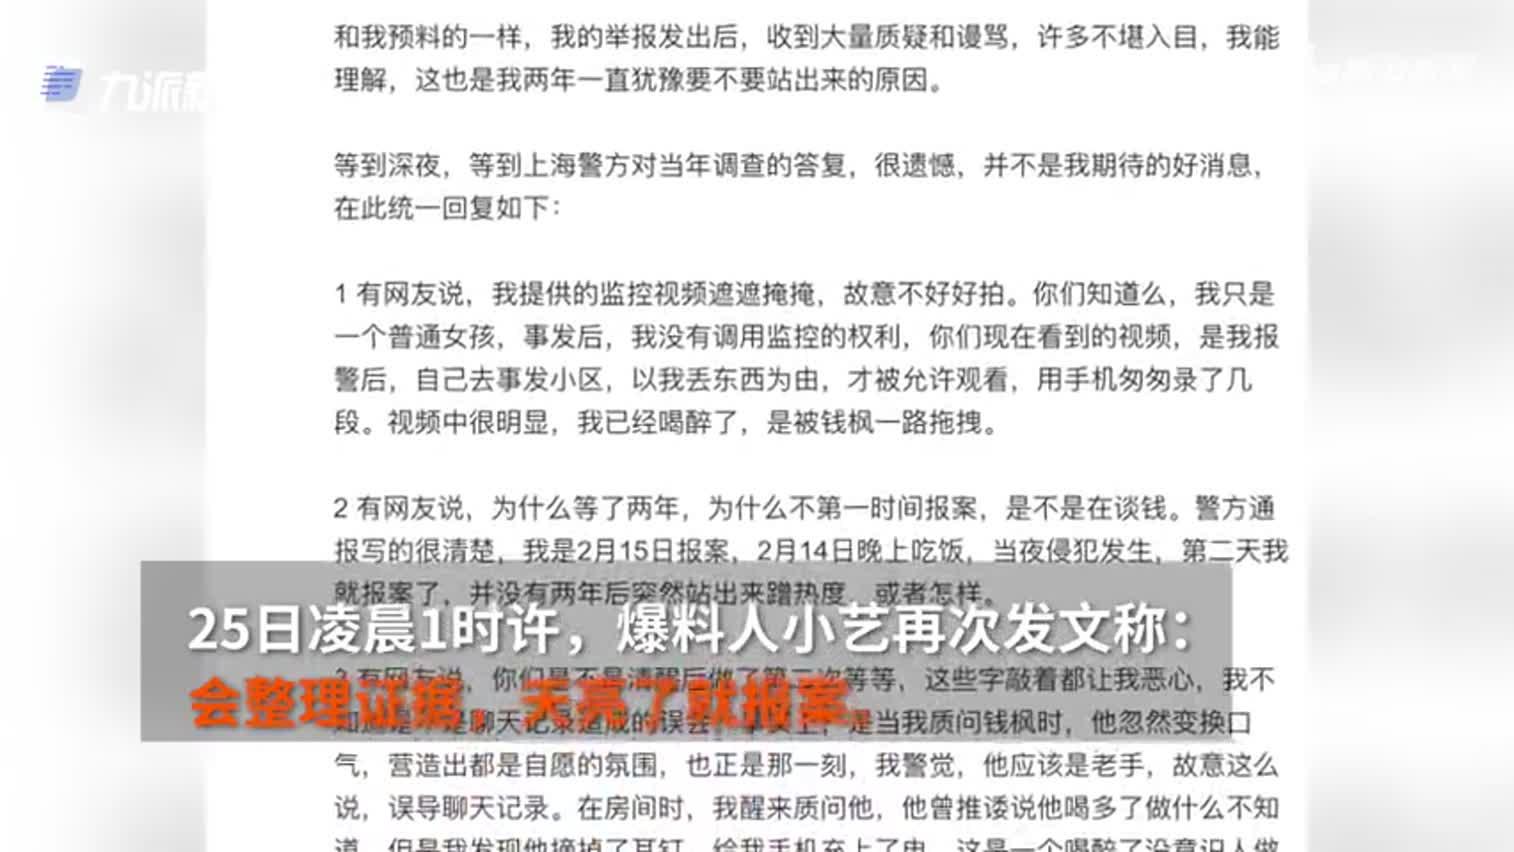 爆料女生公布和警方沟通录音称:钱枫曾在调解室当着刑警的面承认强奸